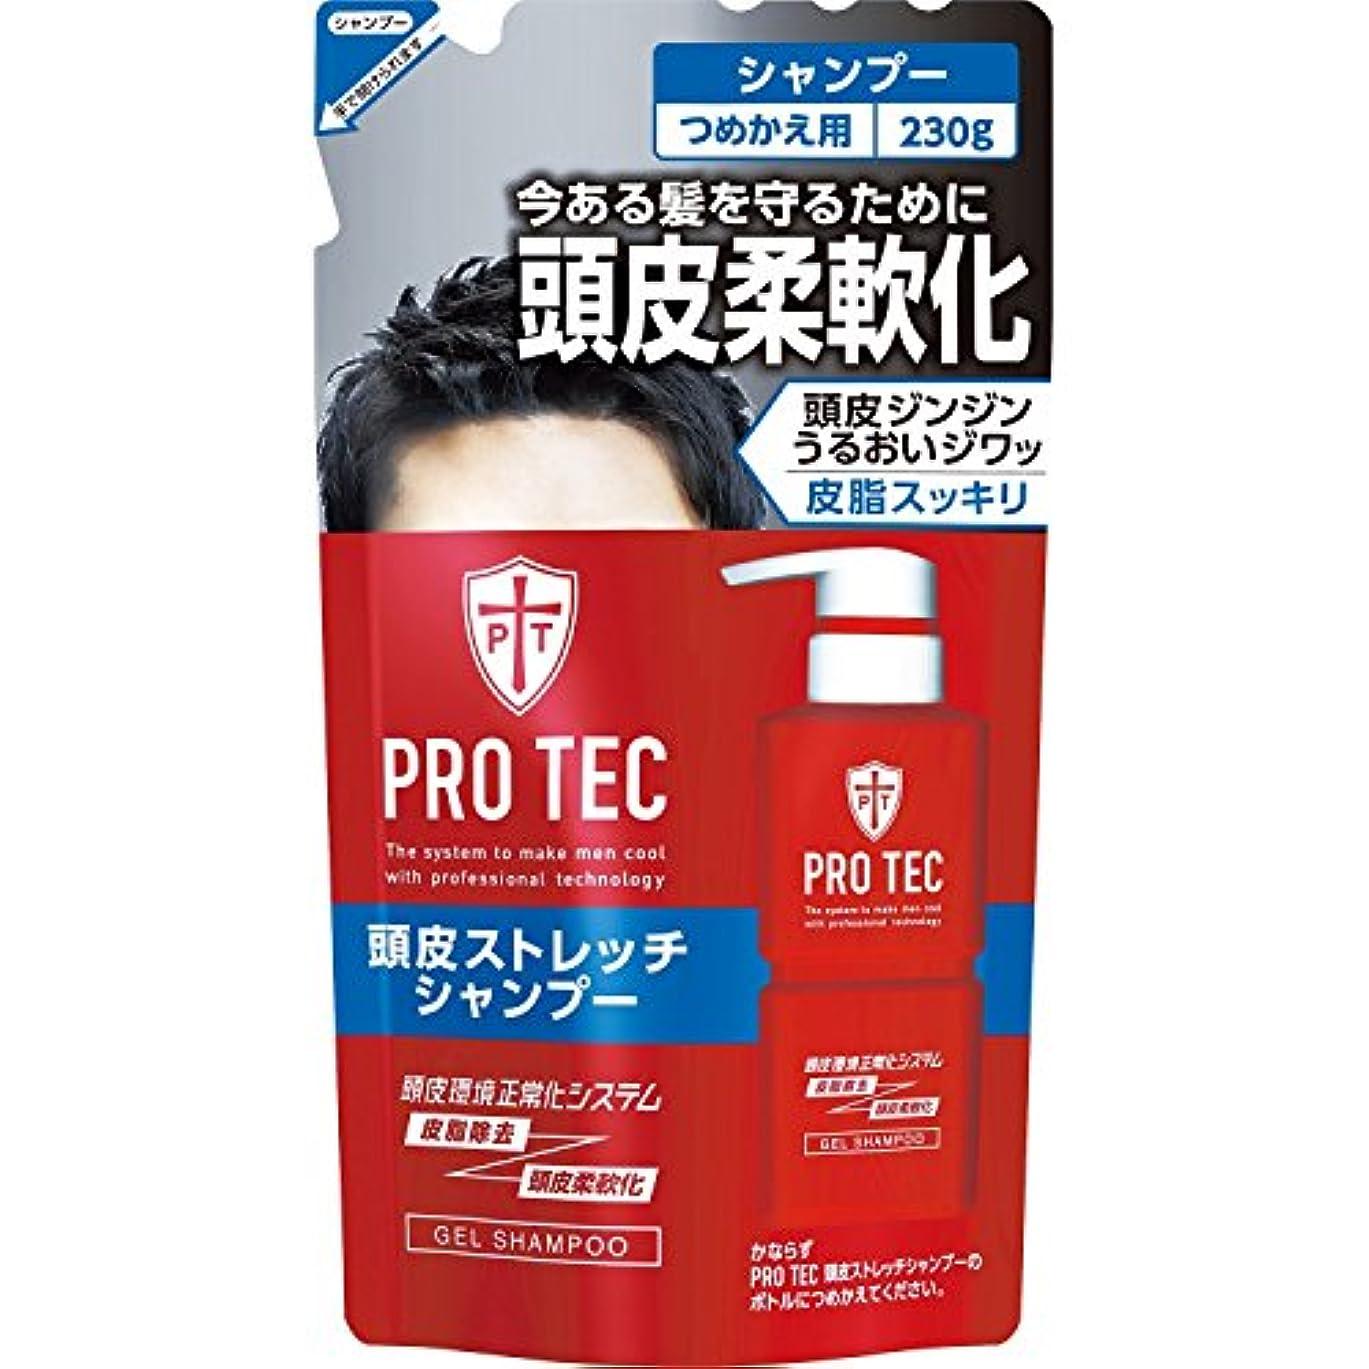 吹きさらしサッカーに対処するPRO TEC(プロテク) 頭皮ストレッチシャンプー つめかえ用 230g (医薬部外品) ×10個セット